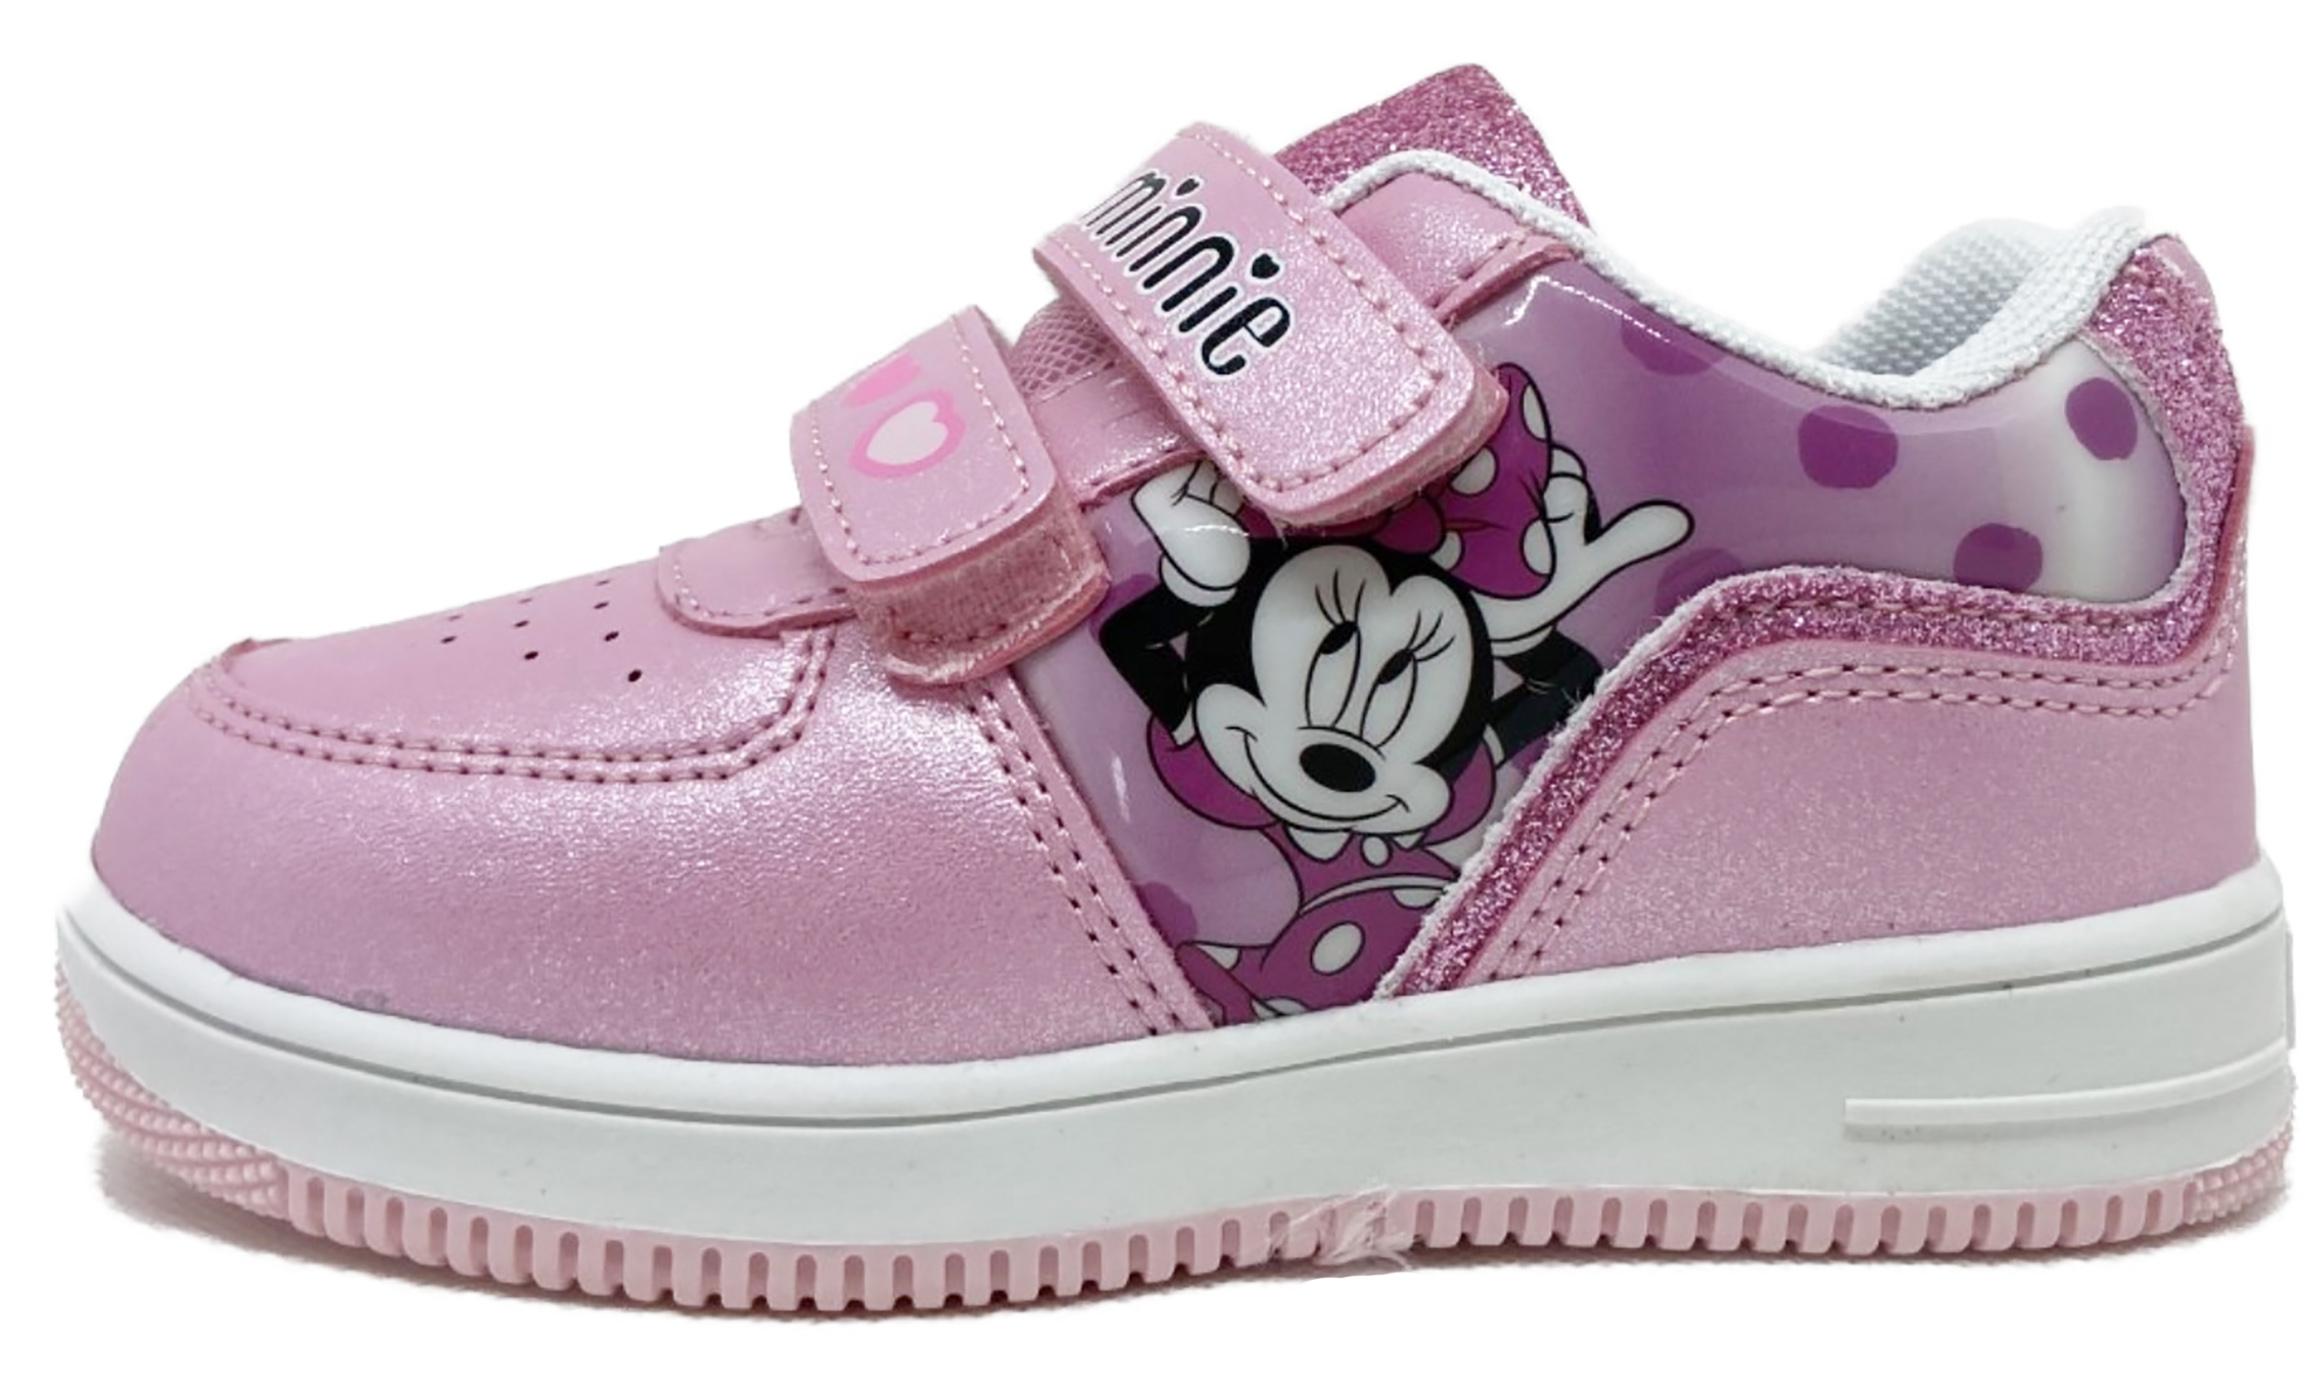 Scarpe Minnie Bambina dal 24 al 32 Rosa Disney Autunno Inverno 2021 2022